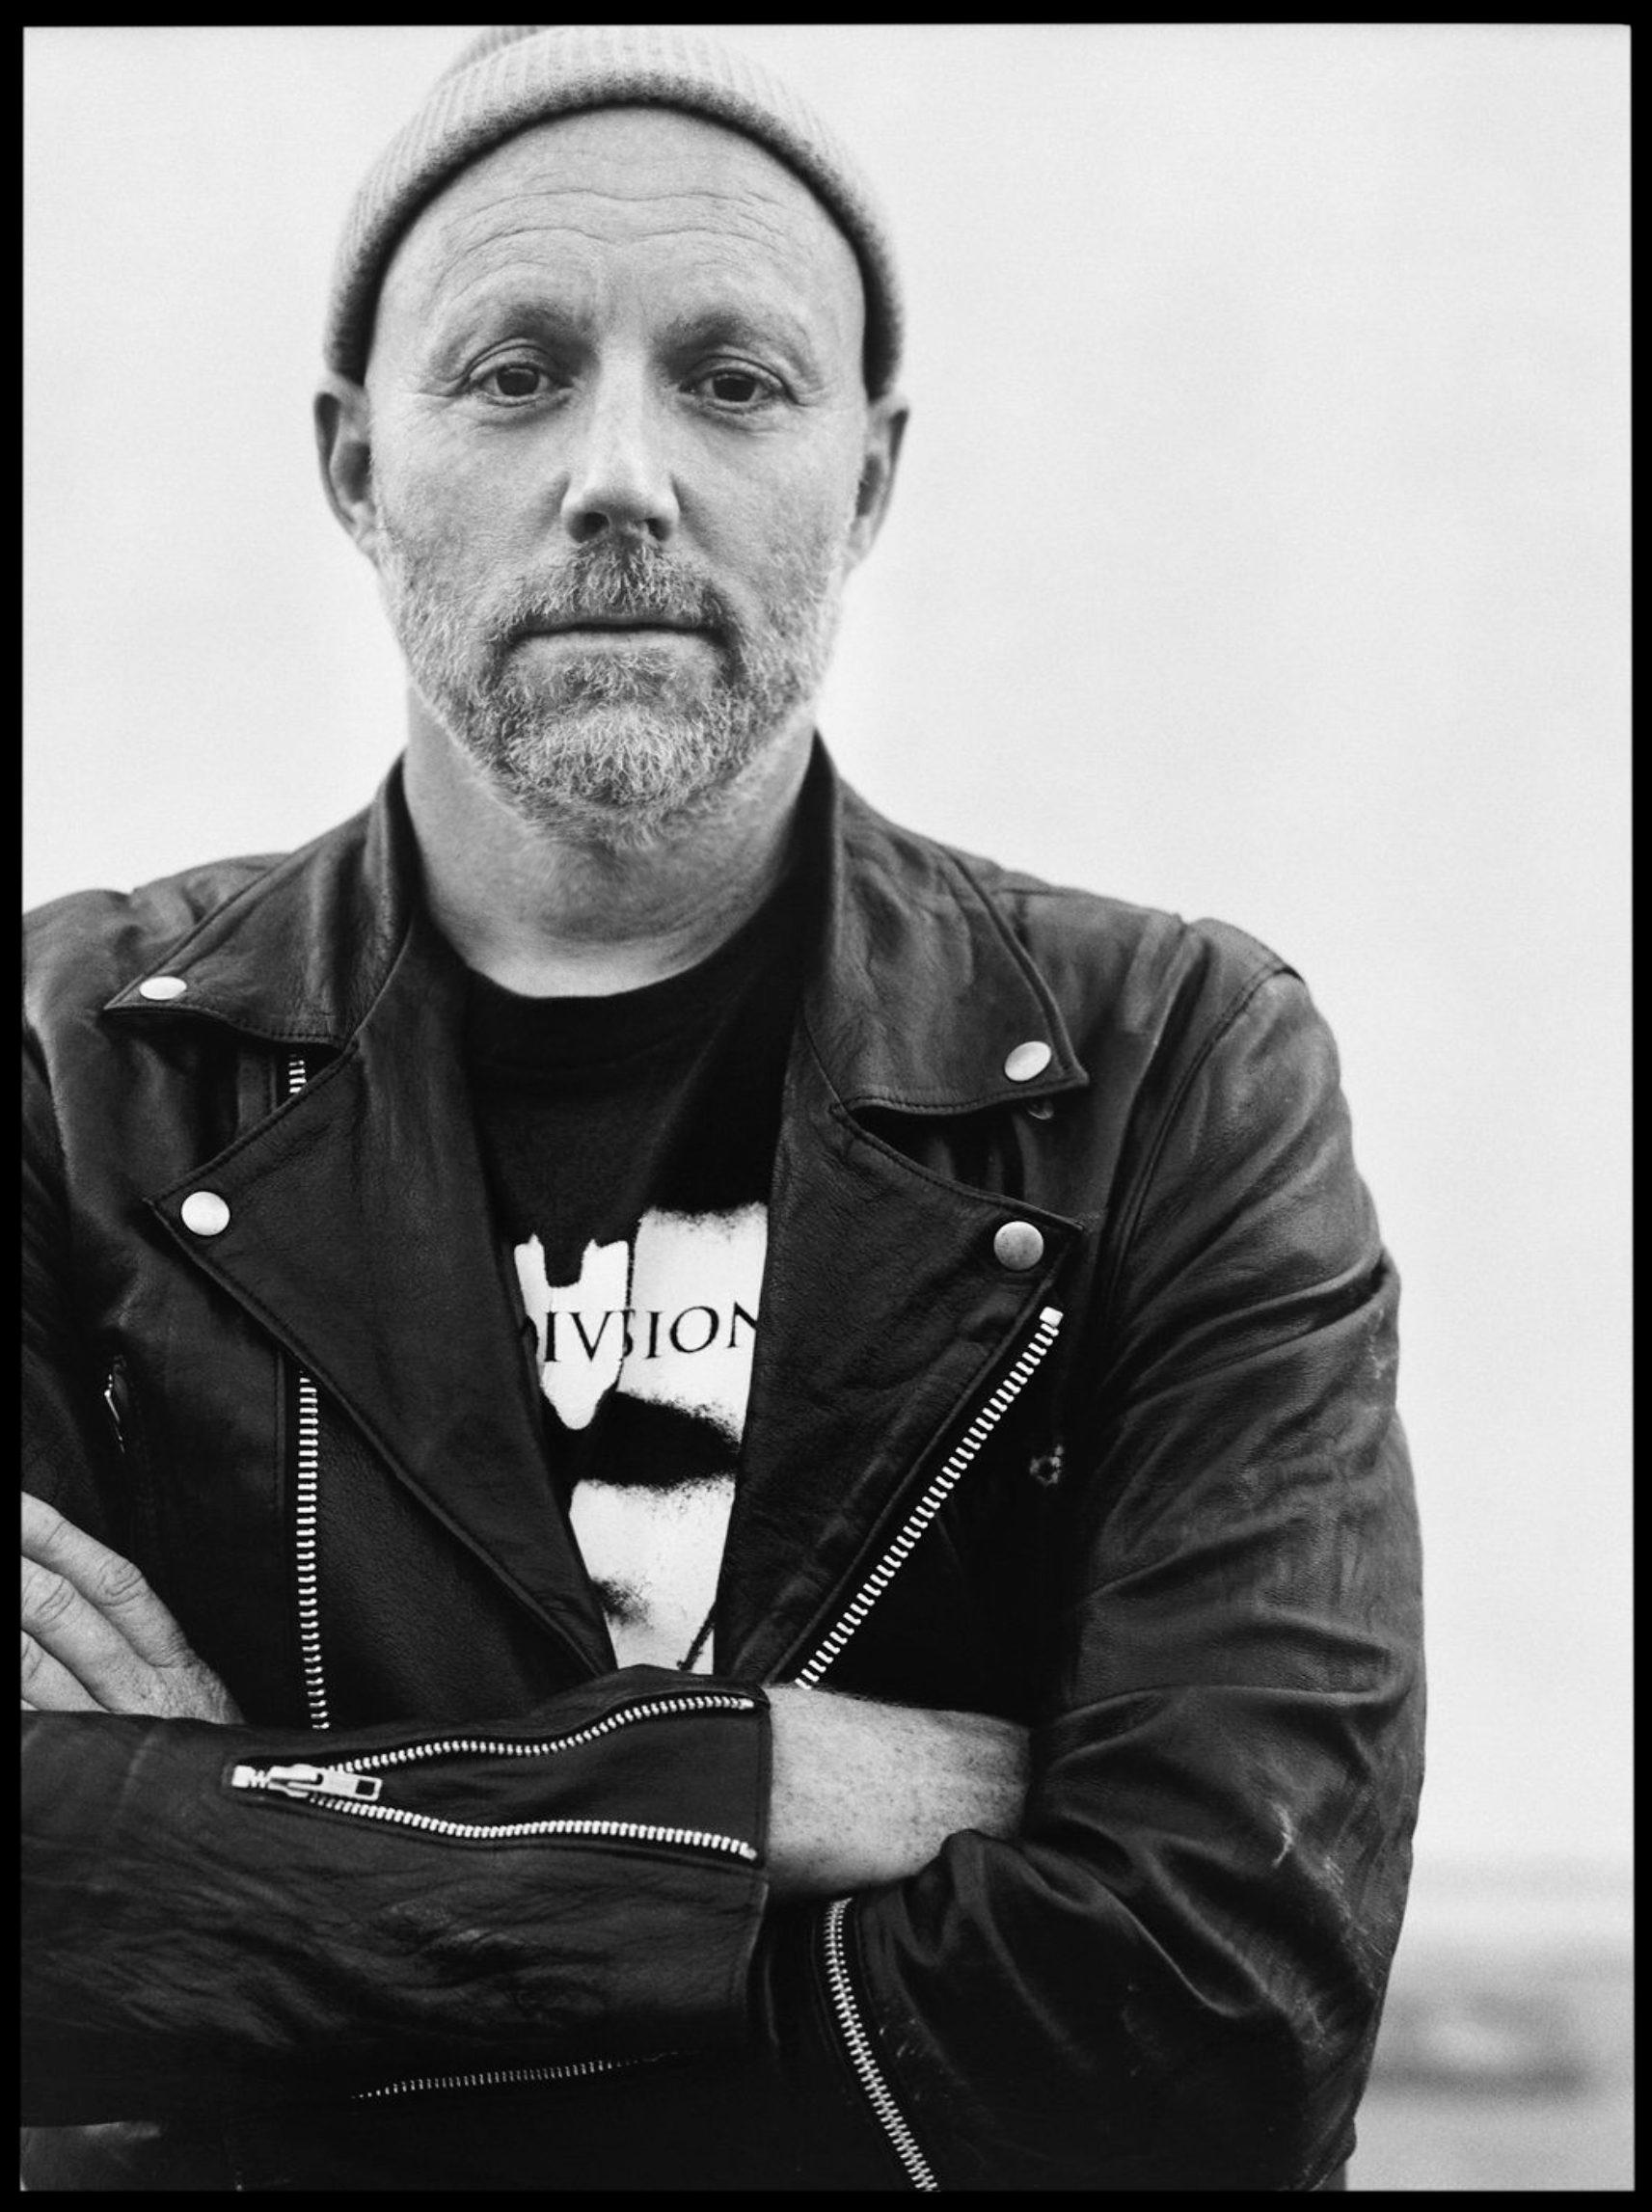 Portrait of photographer Robbie Jeffers